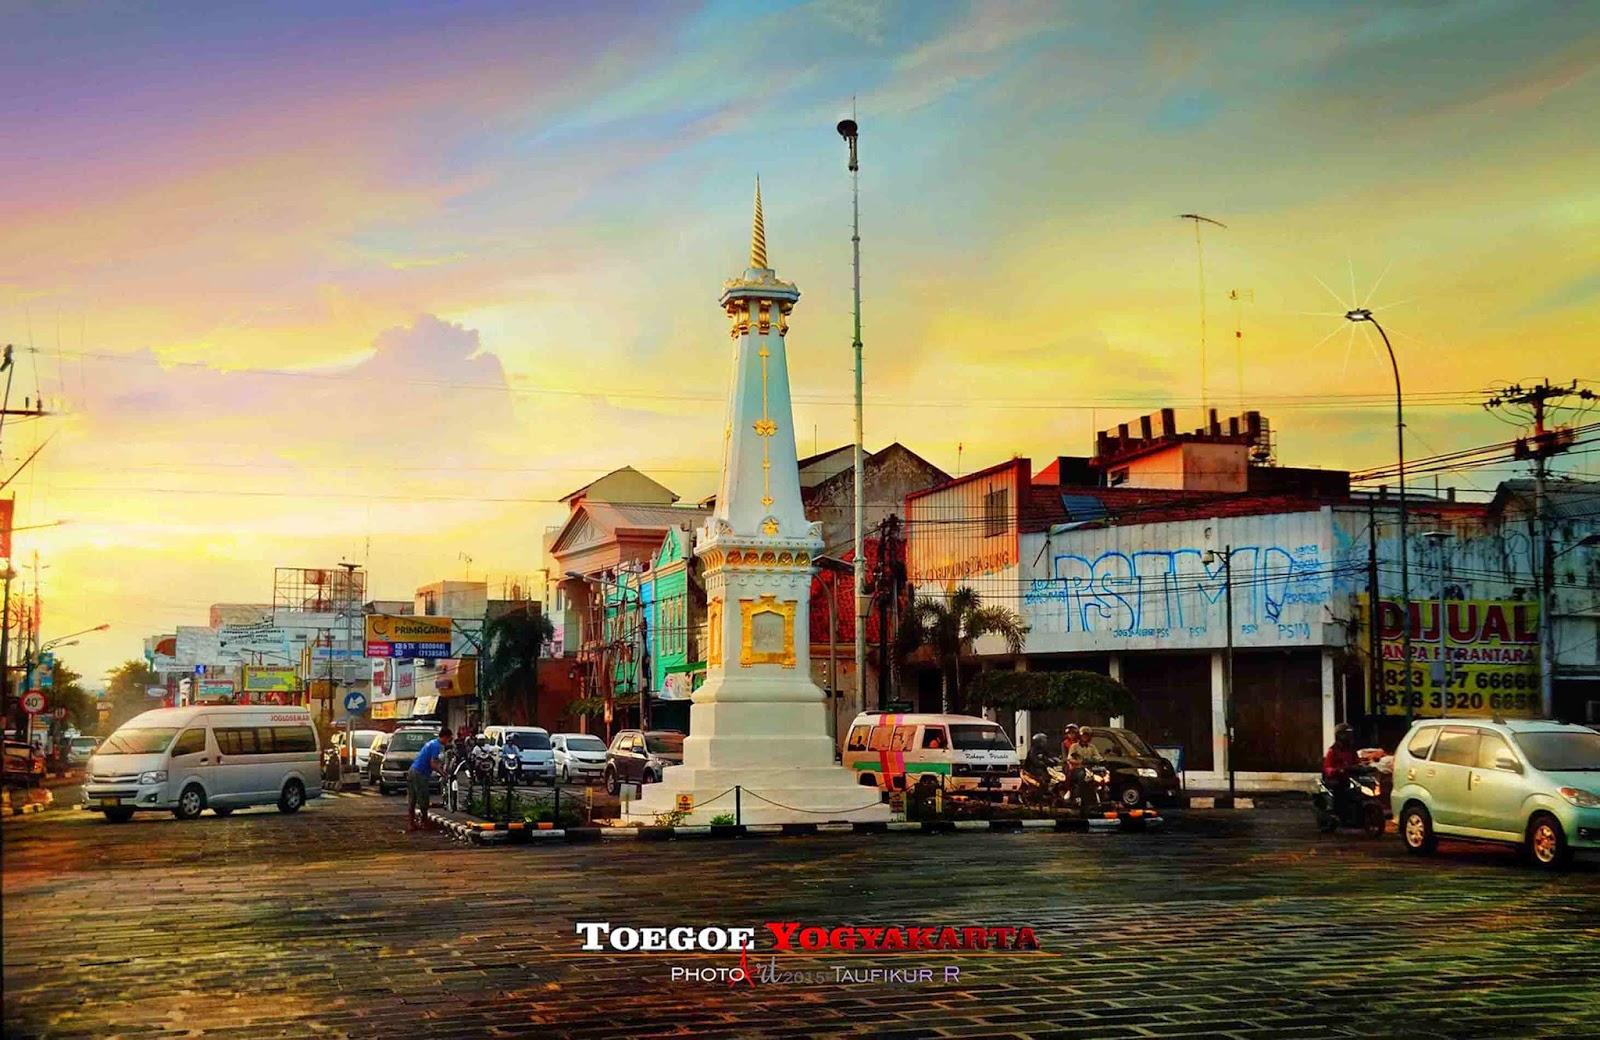 Sejarah Tugu Yogya Monumen Bandung Lautan Api Kab Badung